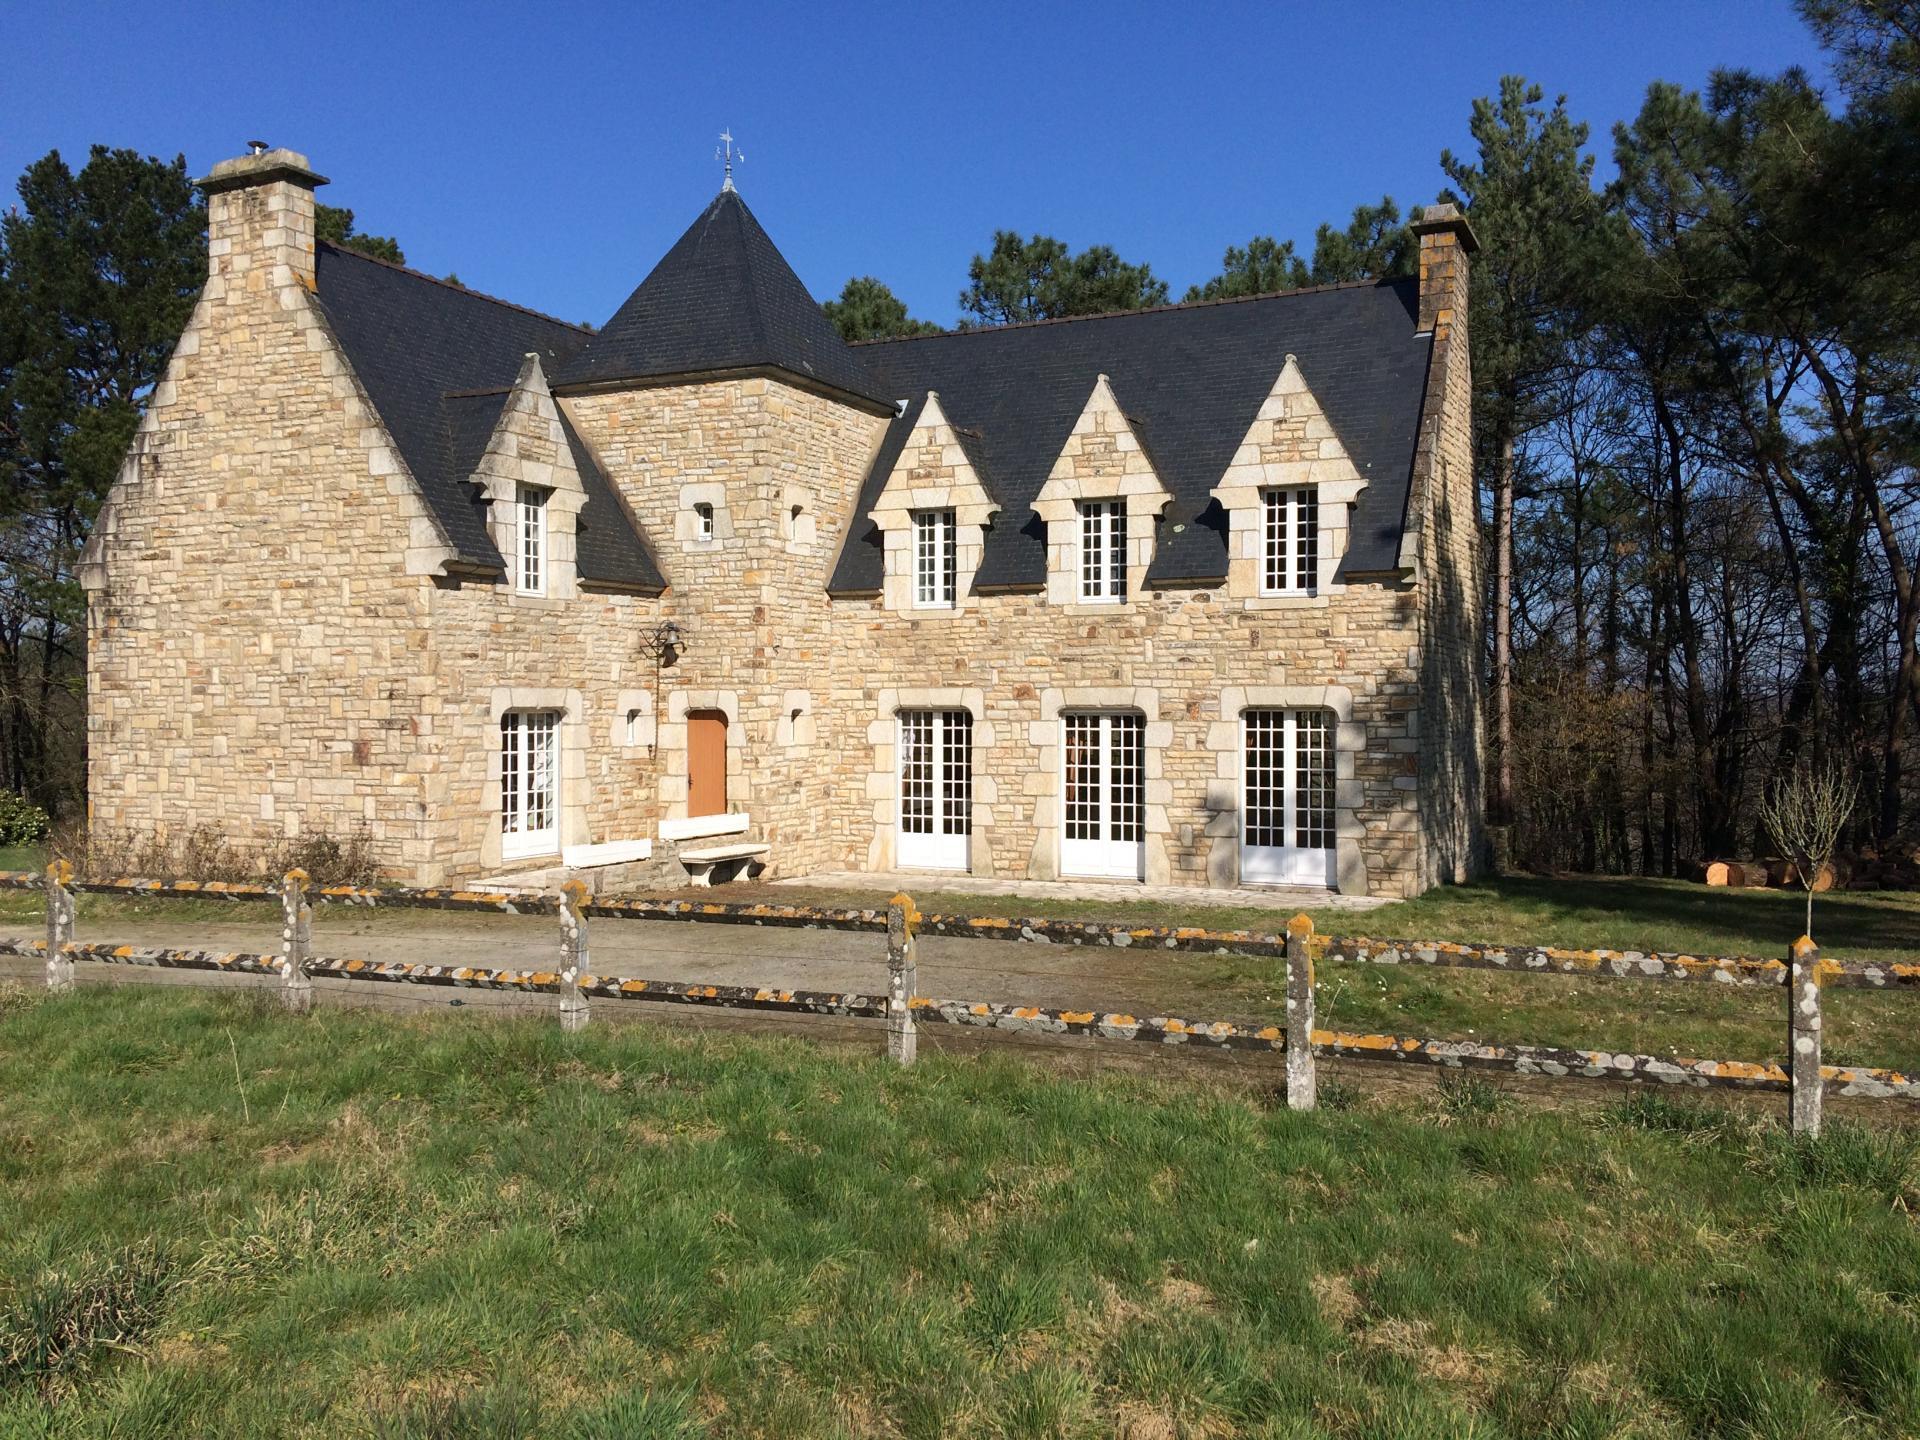 Belle propriété à Questembert  (Morbihan)  à 20 minutes de la mer, 20 minutes de Vannes